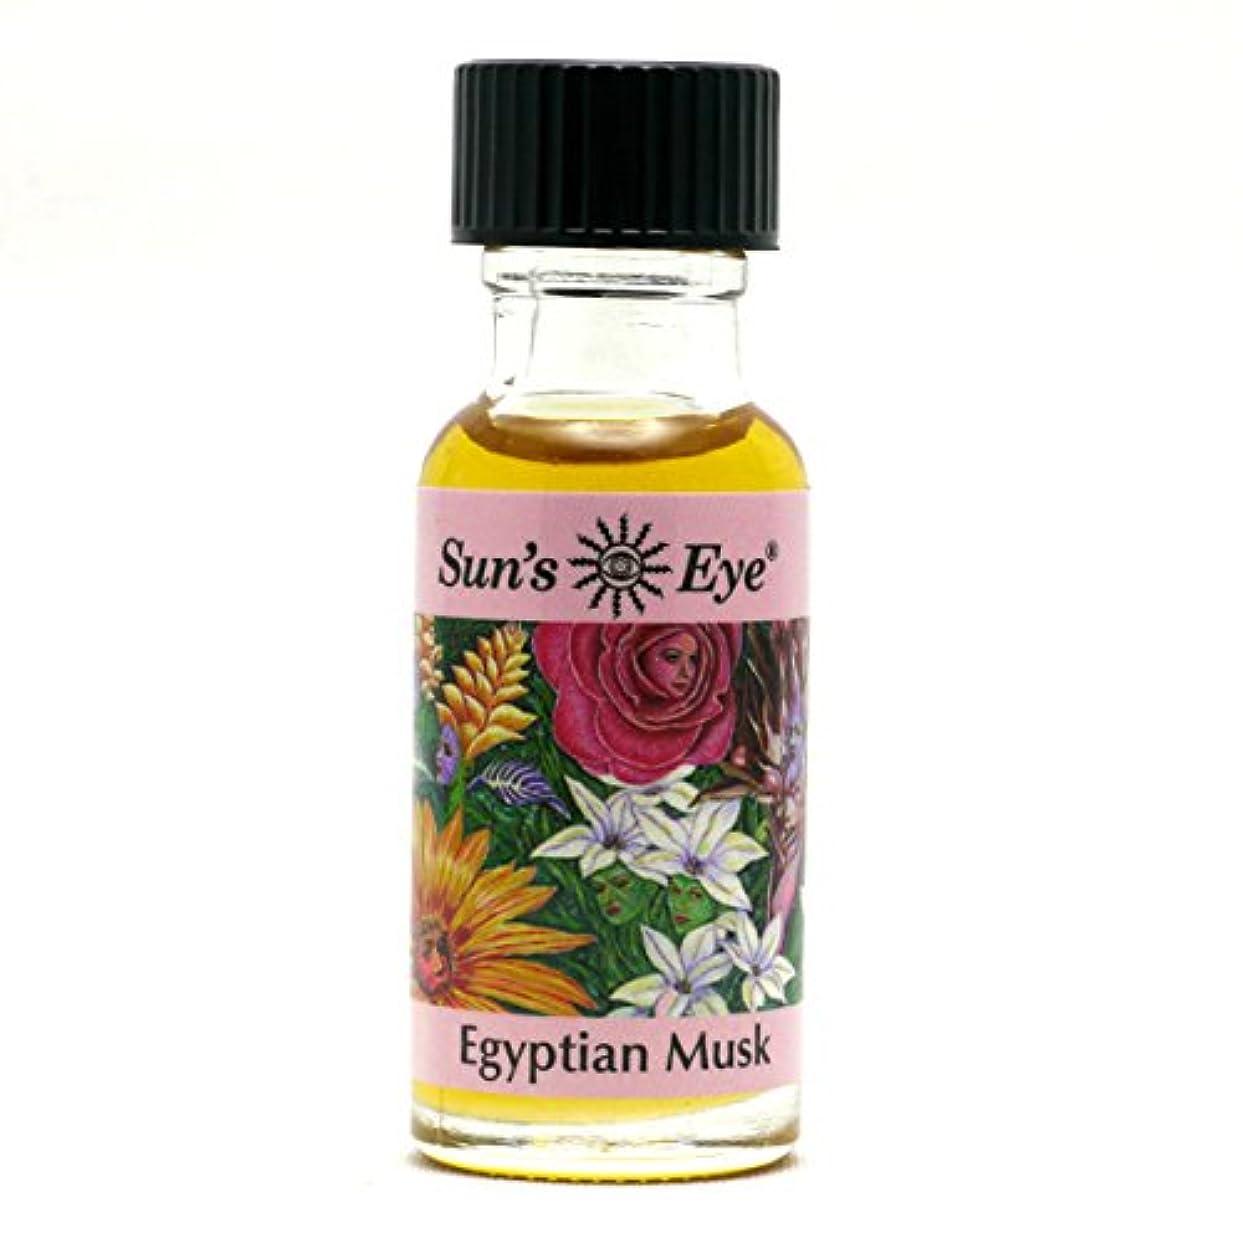 スズメバチペリスコープ部【Sun'sEye サンズアイ】Specialty Oils(スペシャリティオイル)Egyptian Musk(エジプシャンムスク)